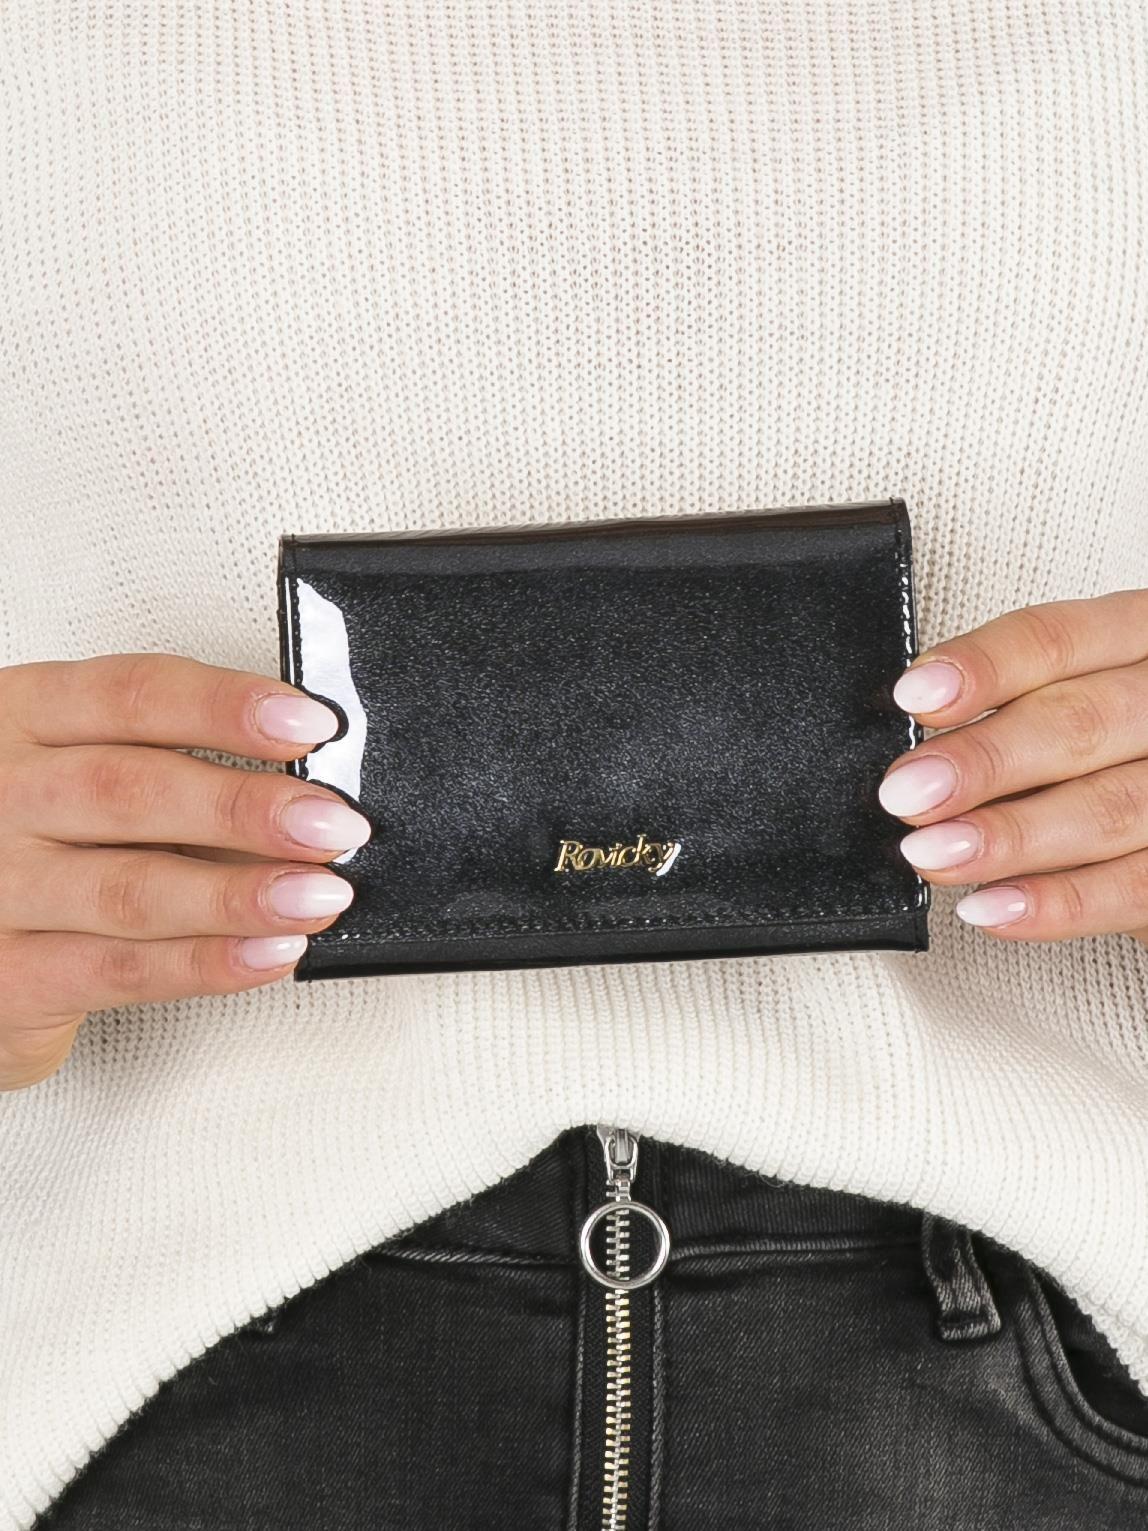 9510fde65e9d5 Mały lakierowany portfel czarny - Akcesoria portfele - sklep eButik.pl